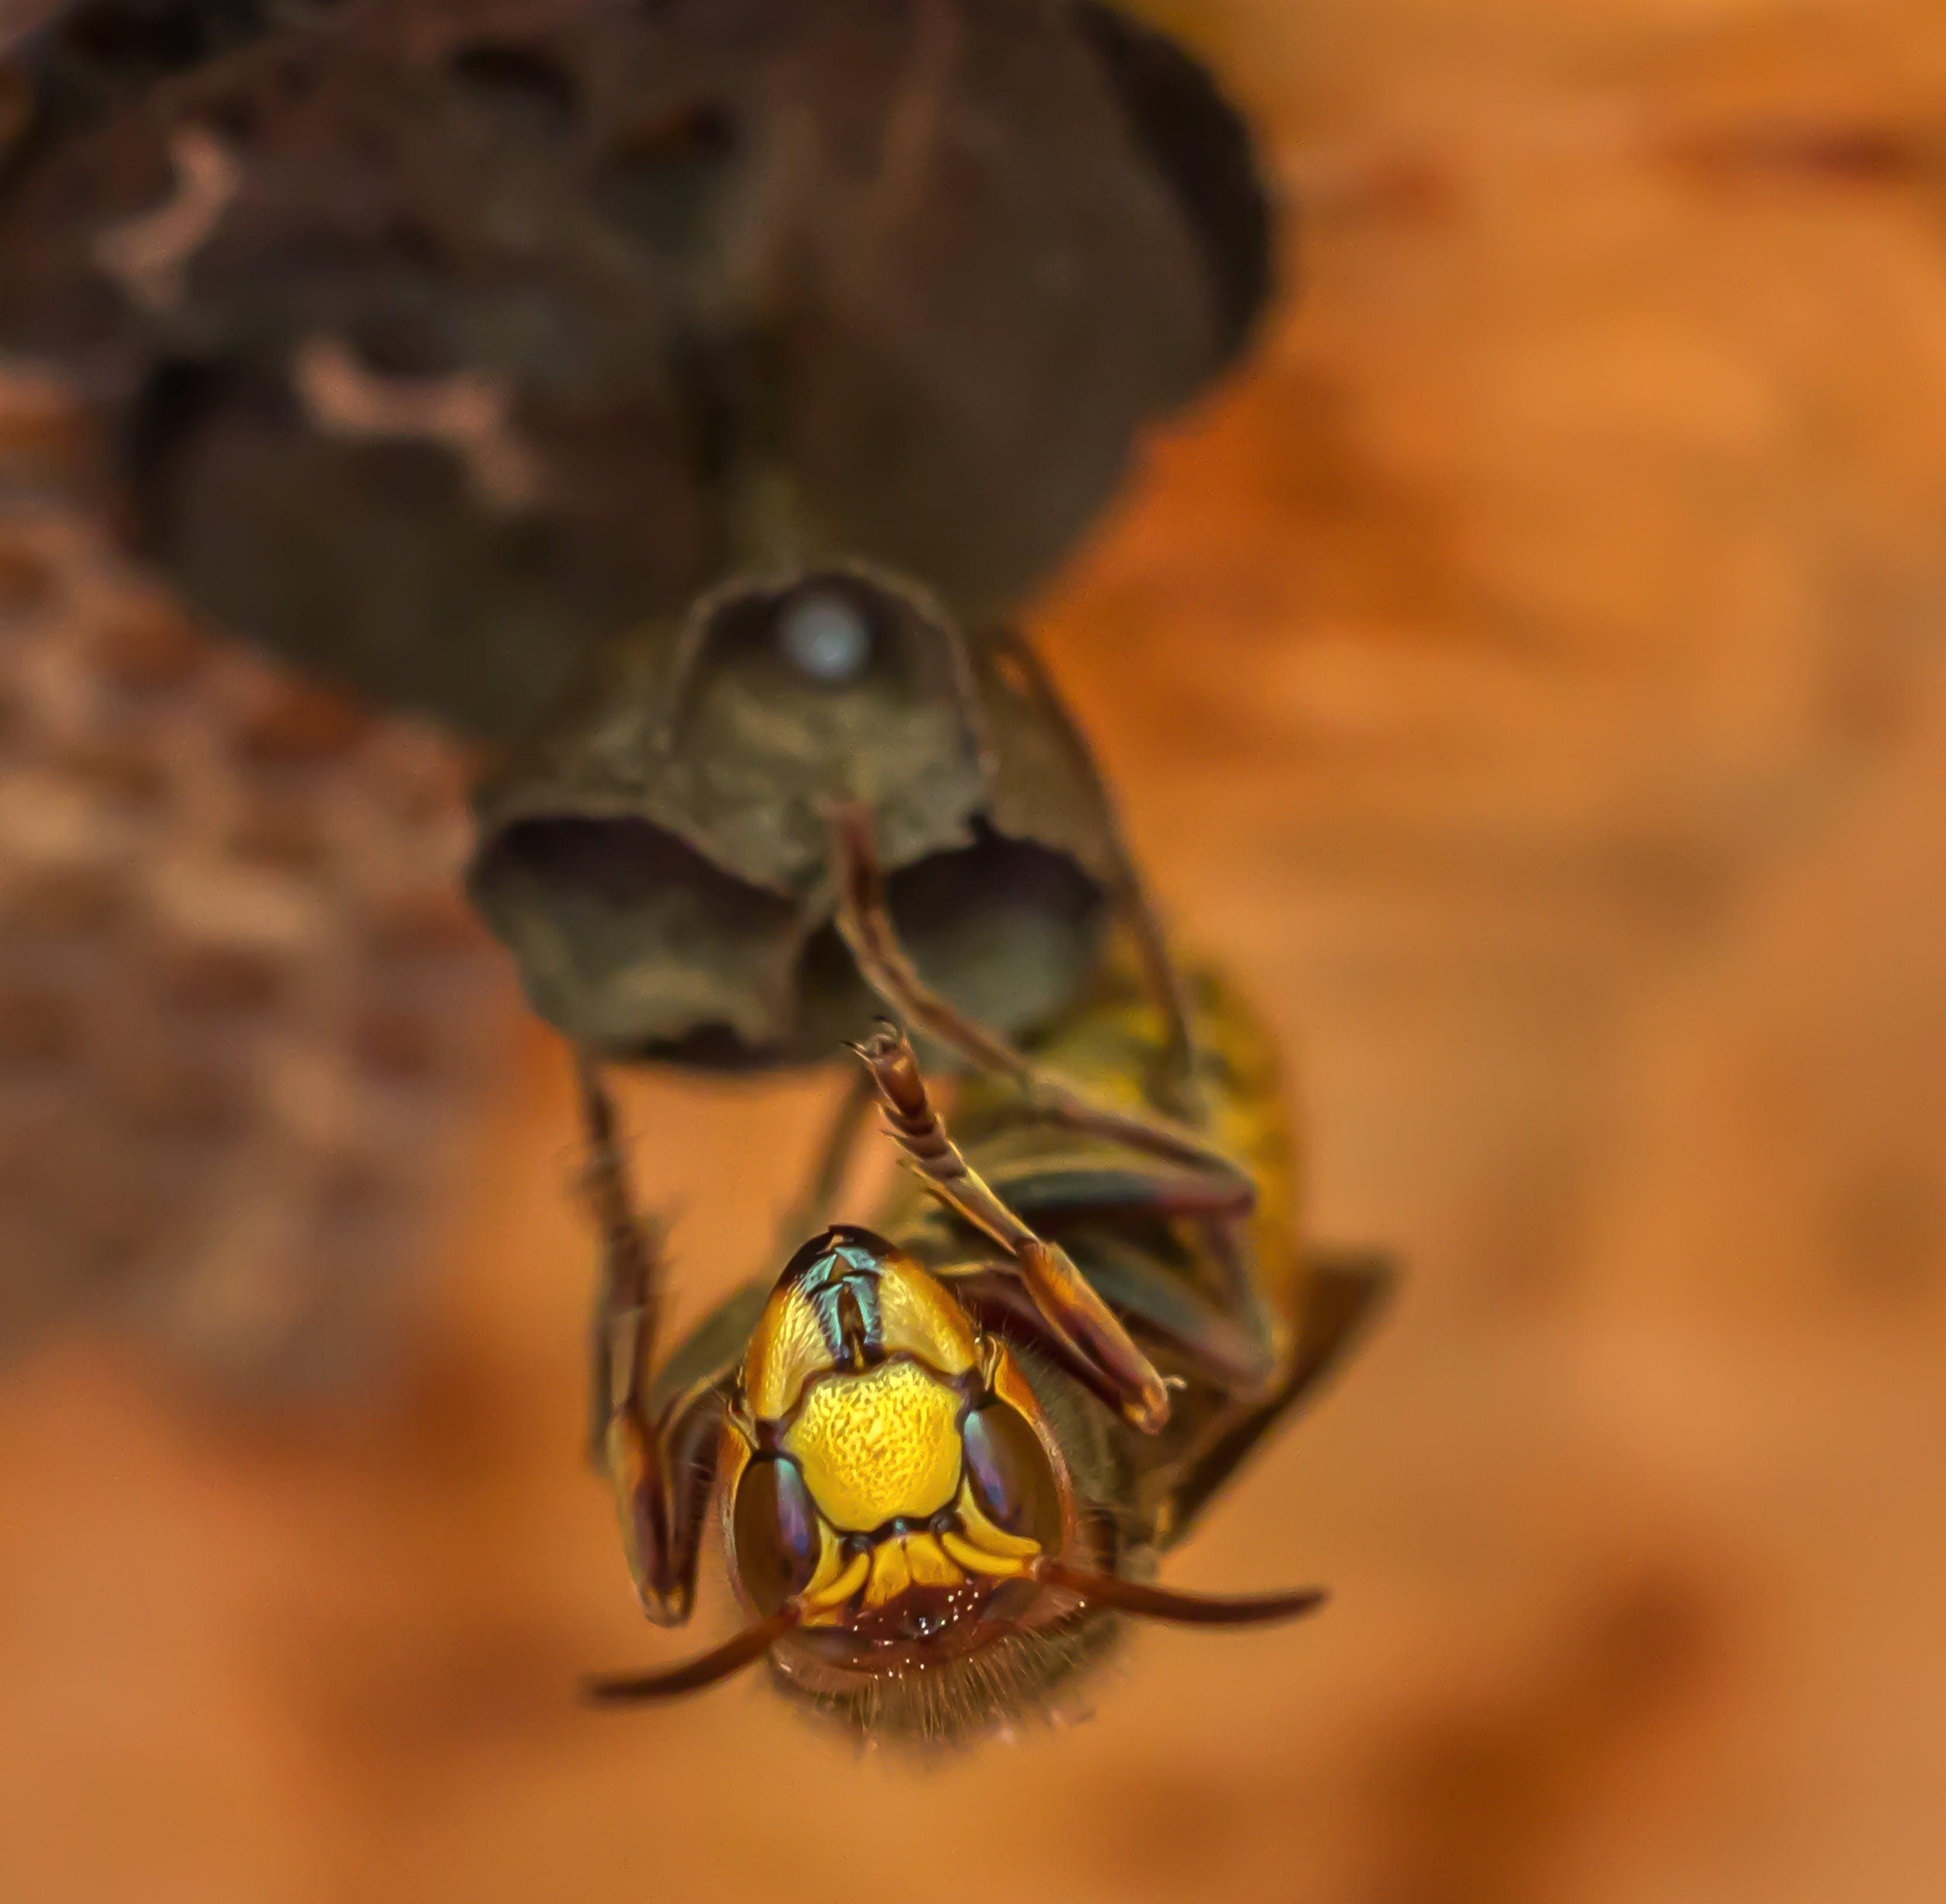 Kostenloses Stock Foto zu biene, fokus, insekt, makro